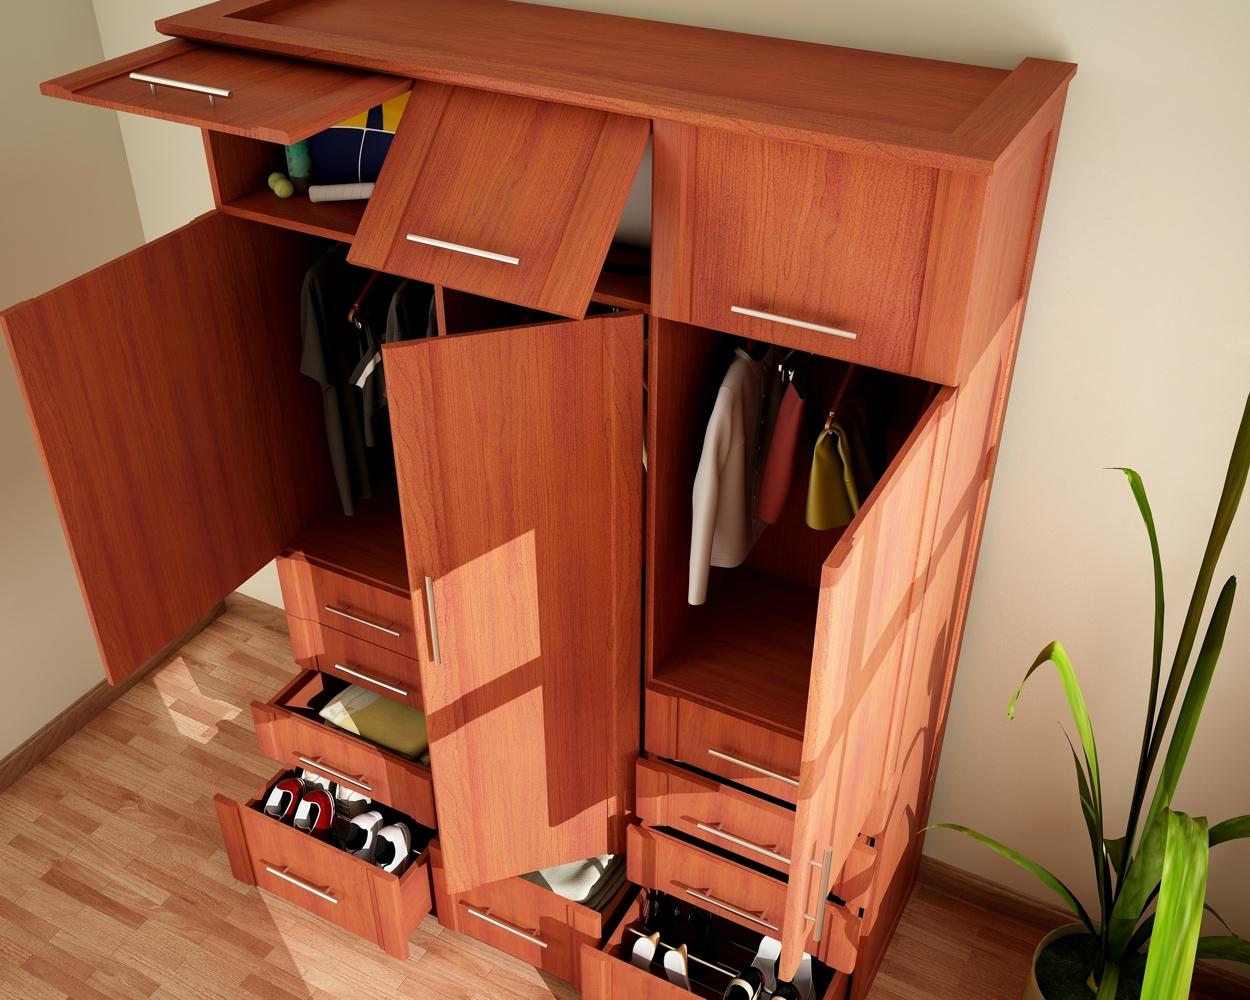 Af arquitectura y mobiliario closet en madera for Disenos de puertas de madera para closets